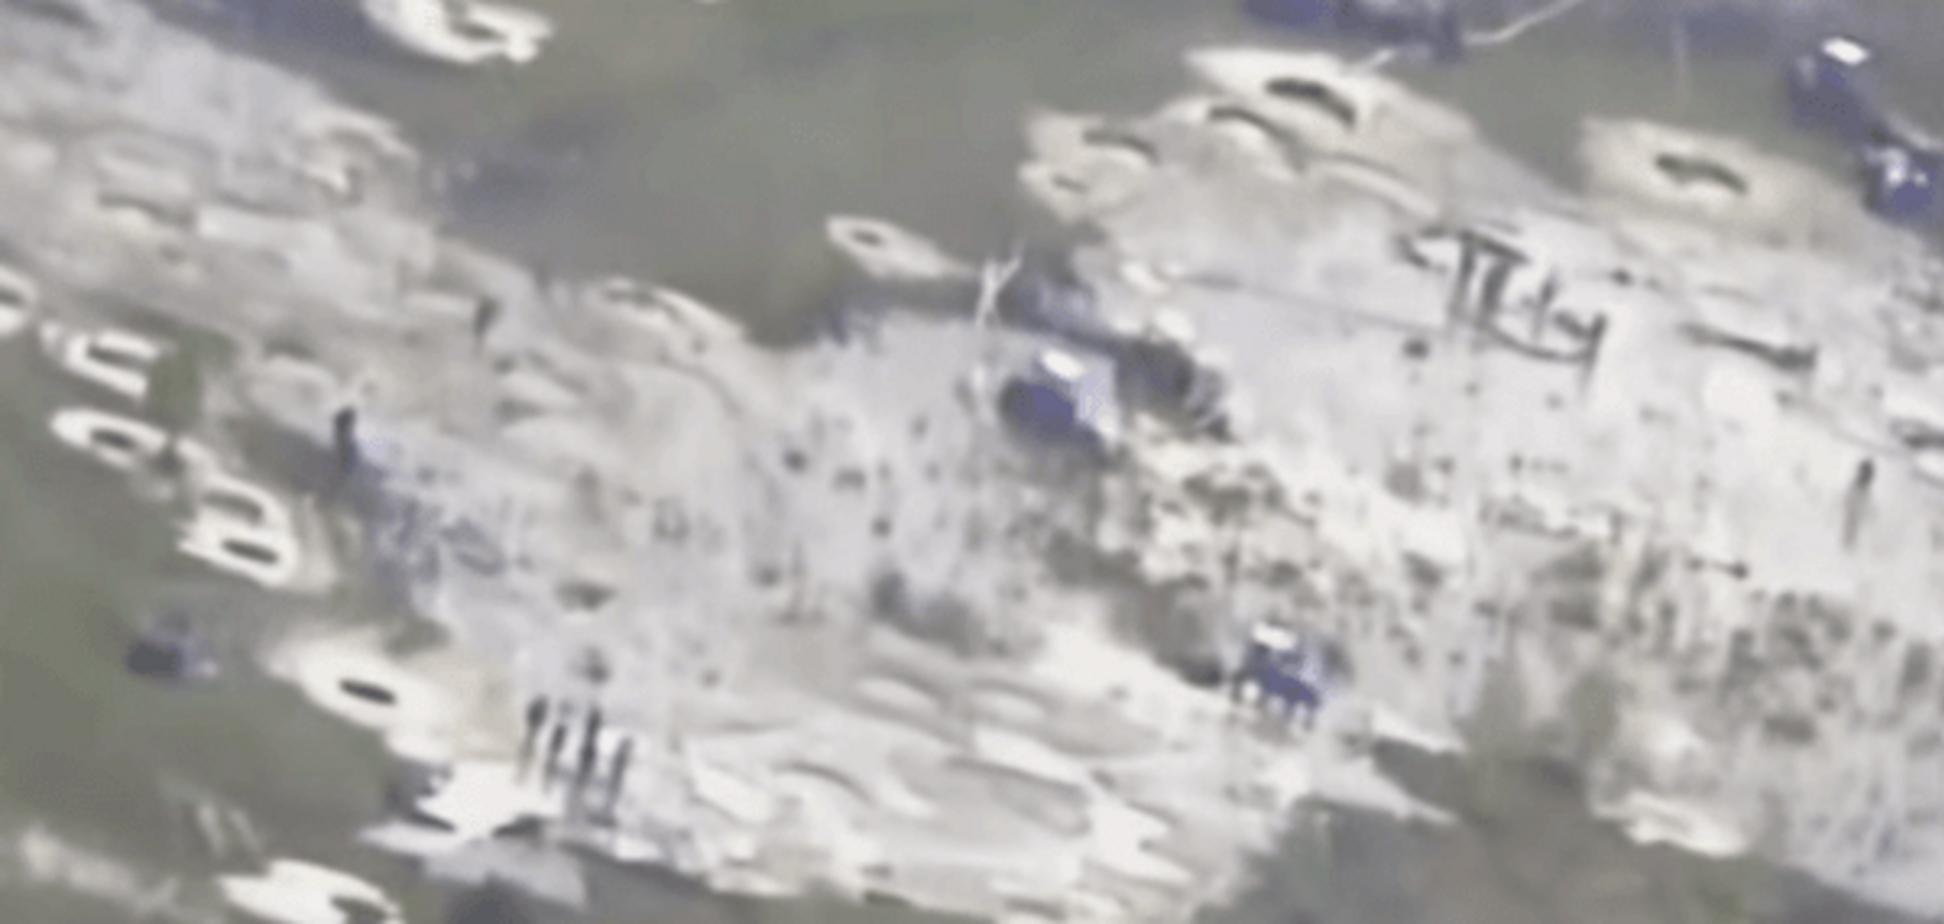 Прикордонники з літака зняли незаконний видобуток бурштину: відеофакт